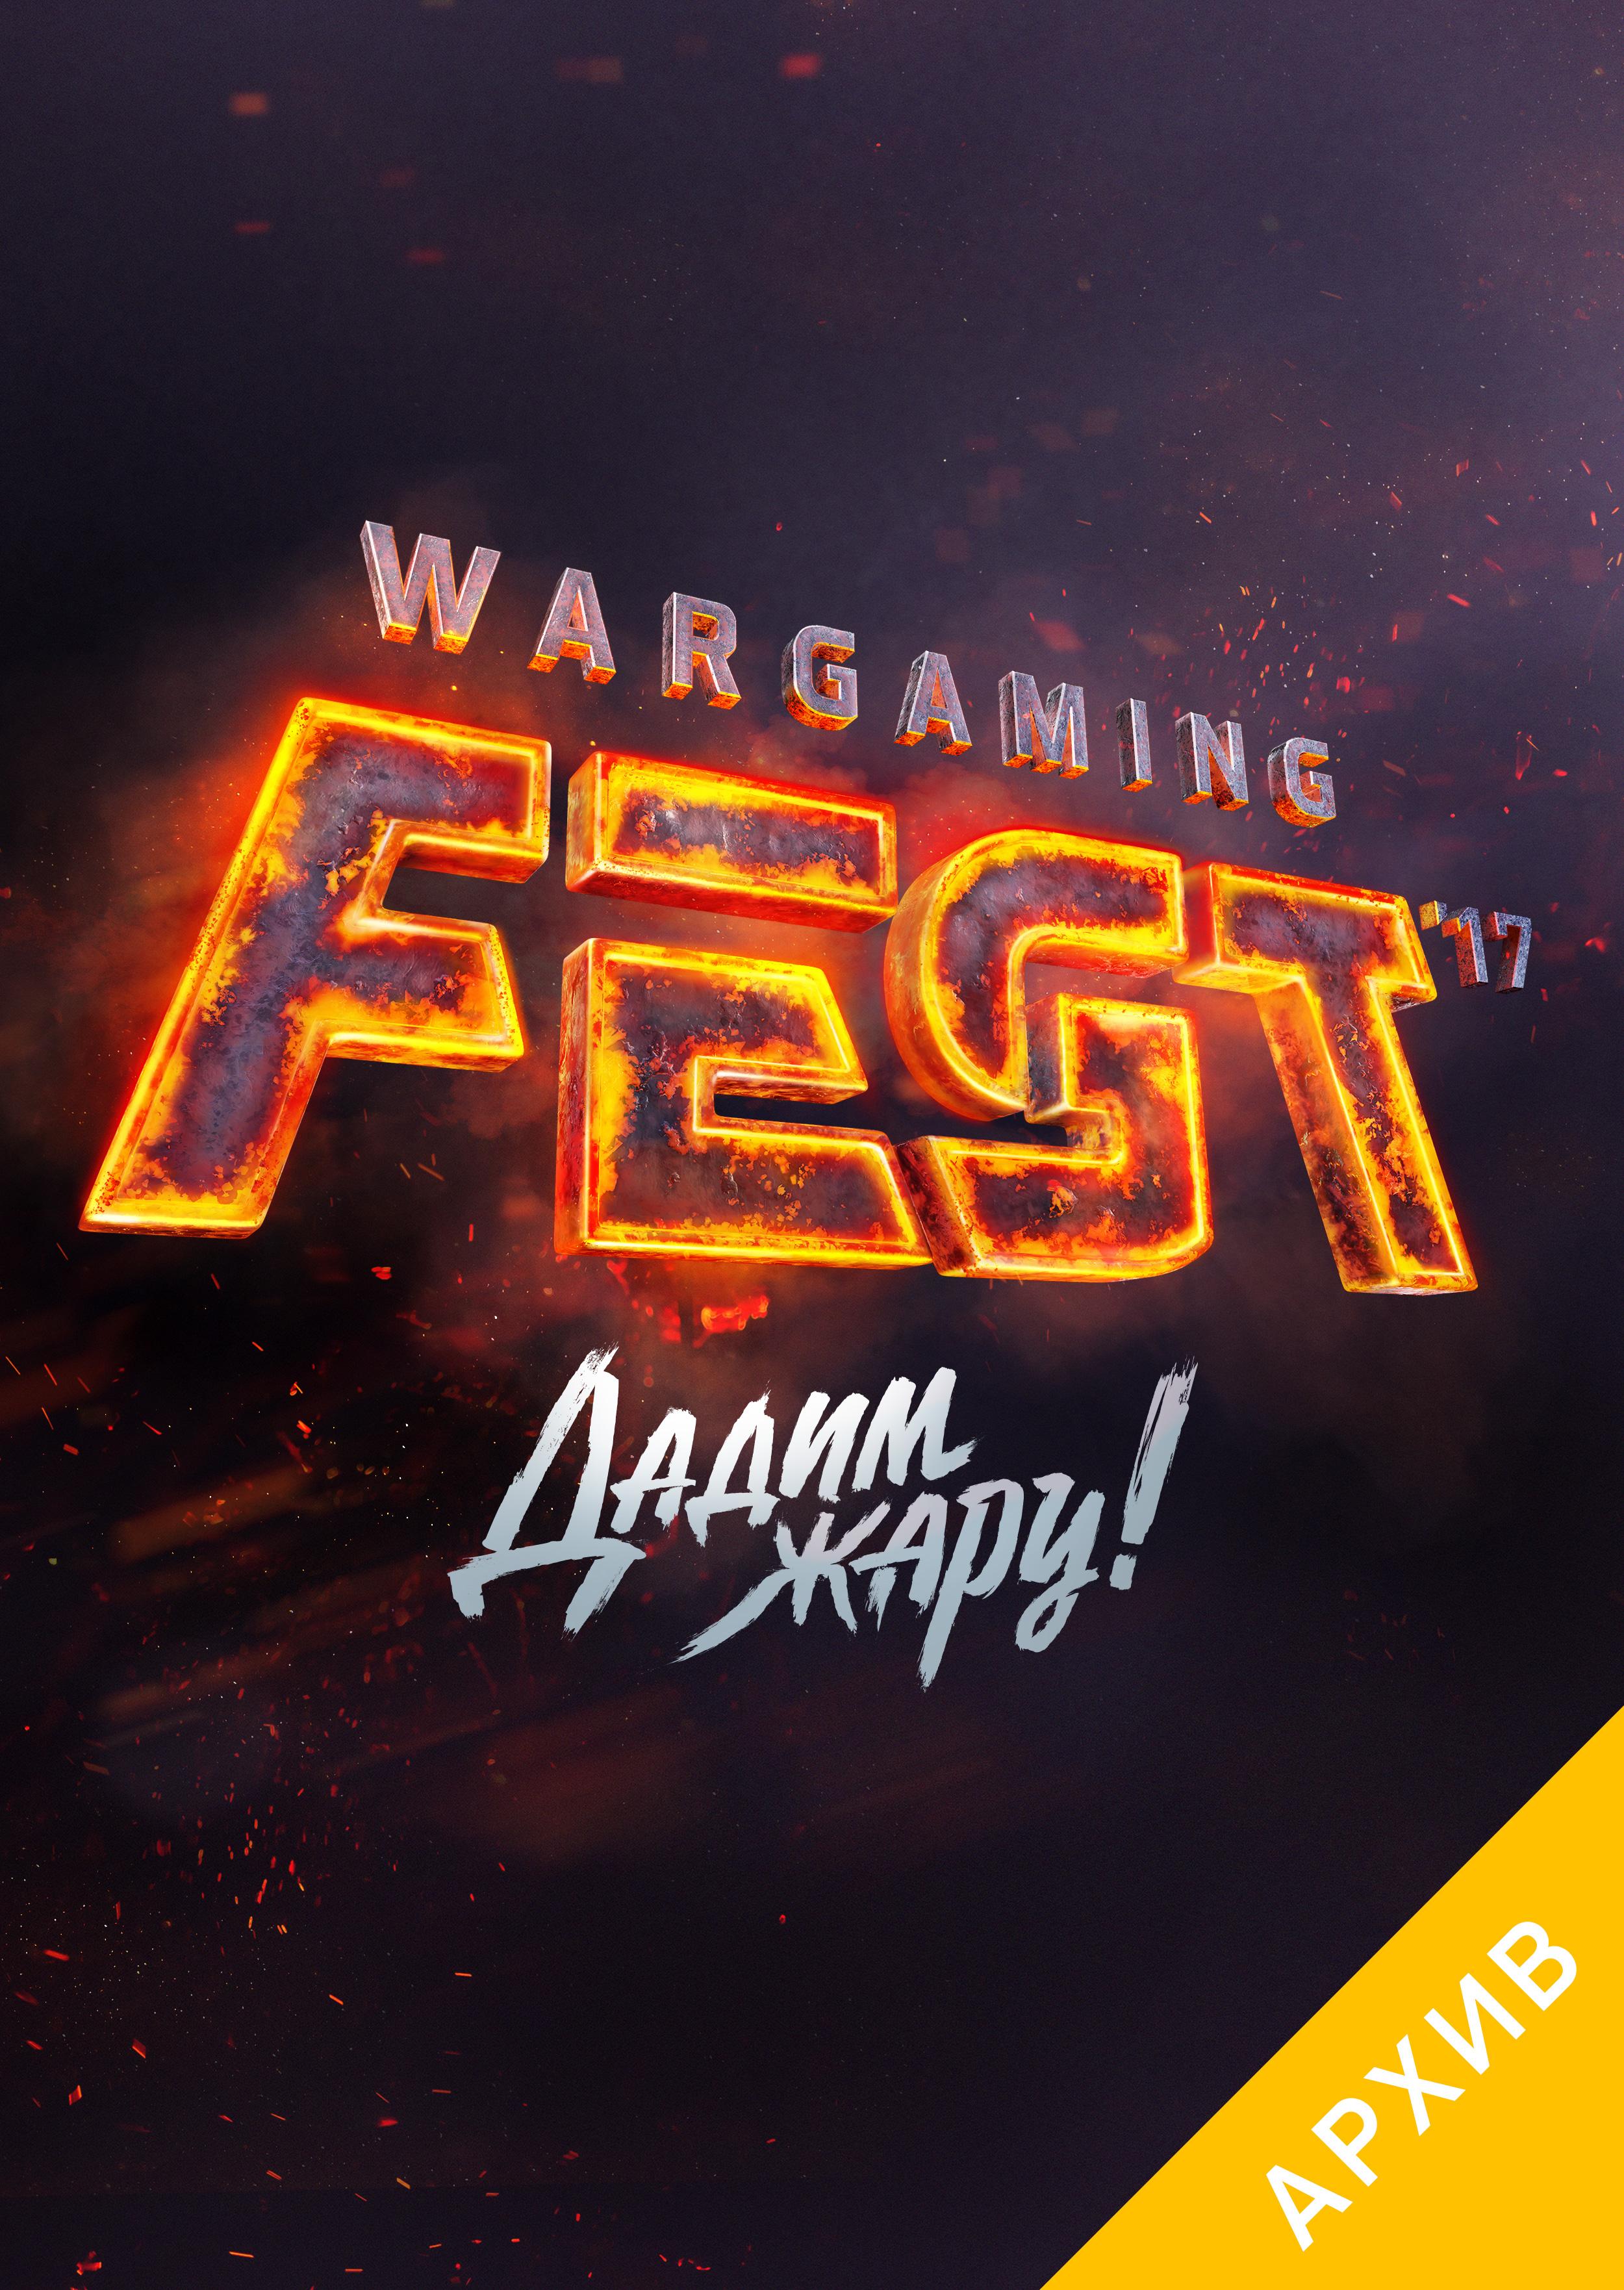 Wargaming Fest 2017